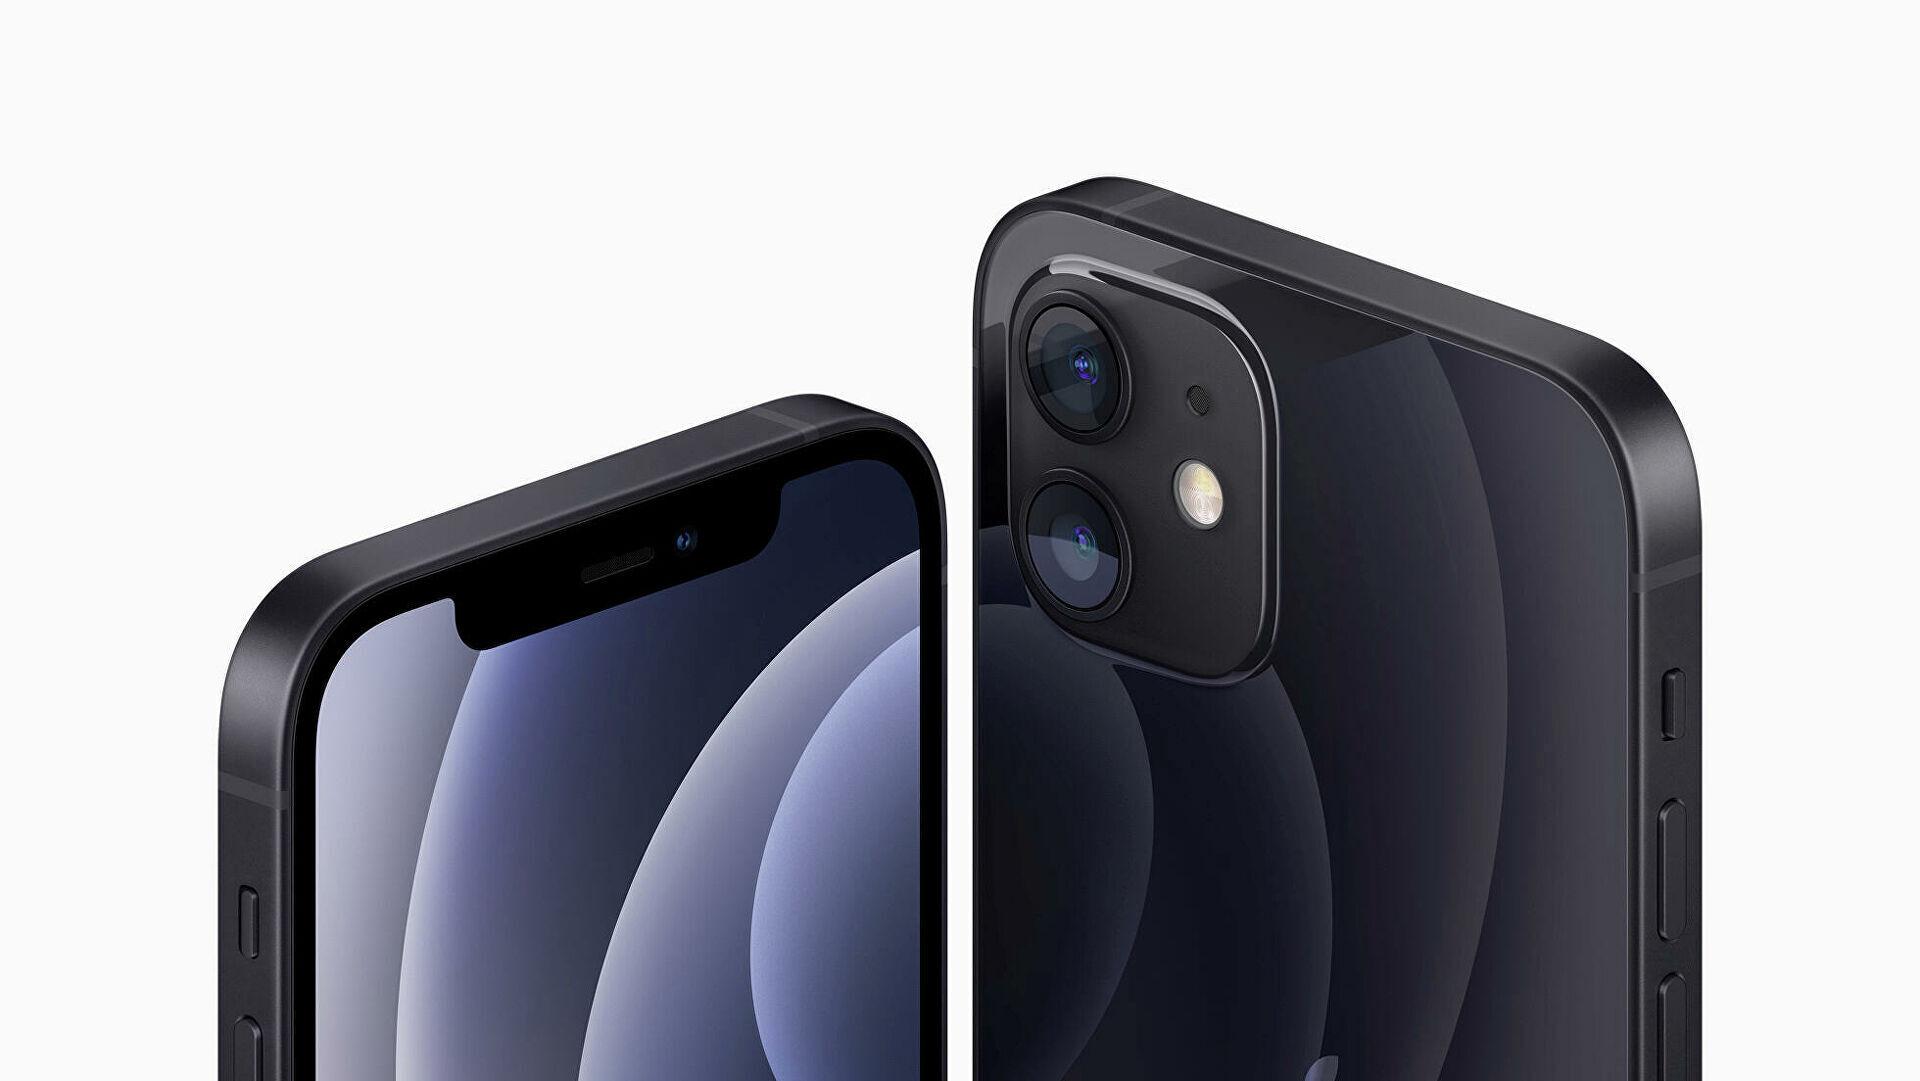 Страховая компания назвала протестированный iPhone 12 одним из самых прочных смартфонов